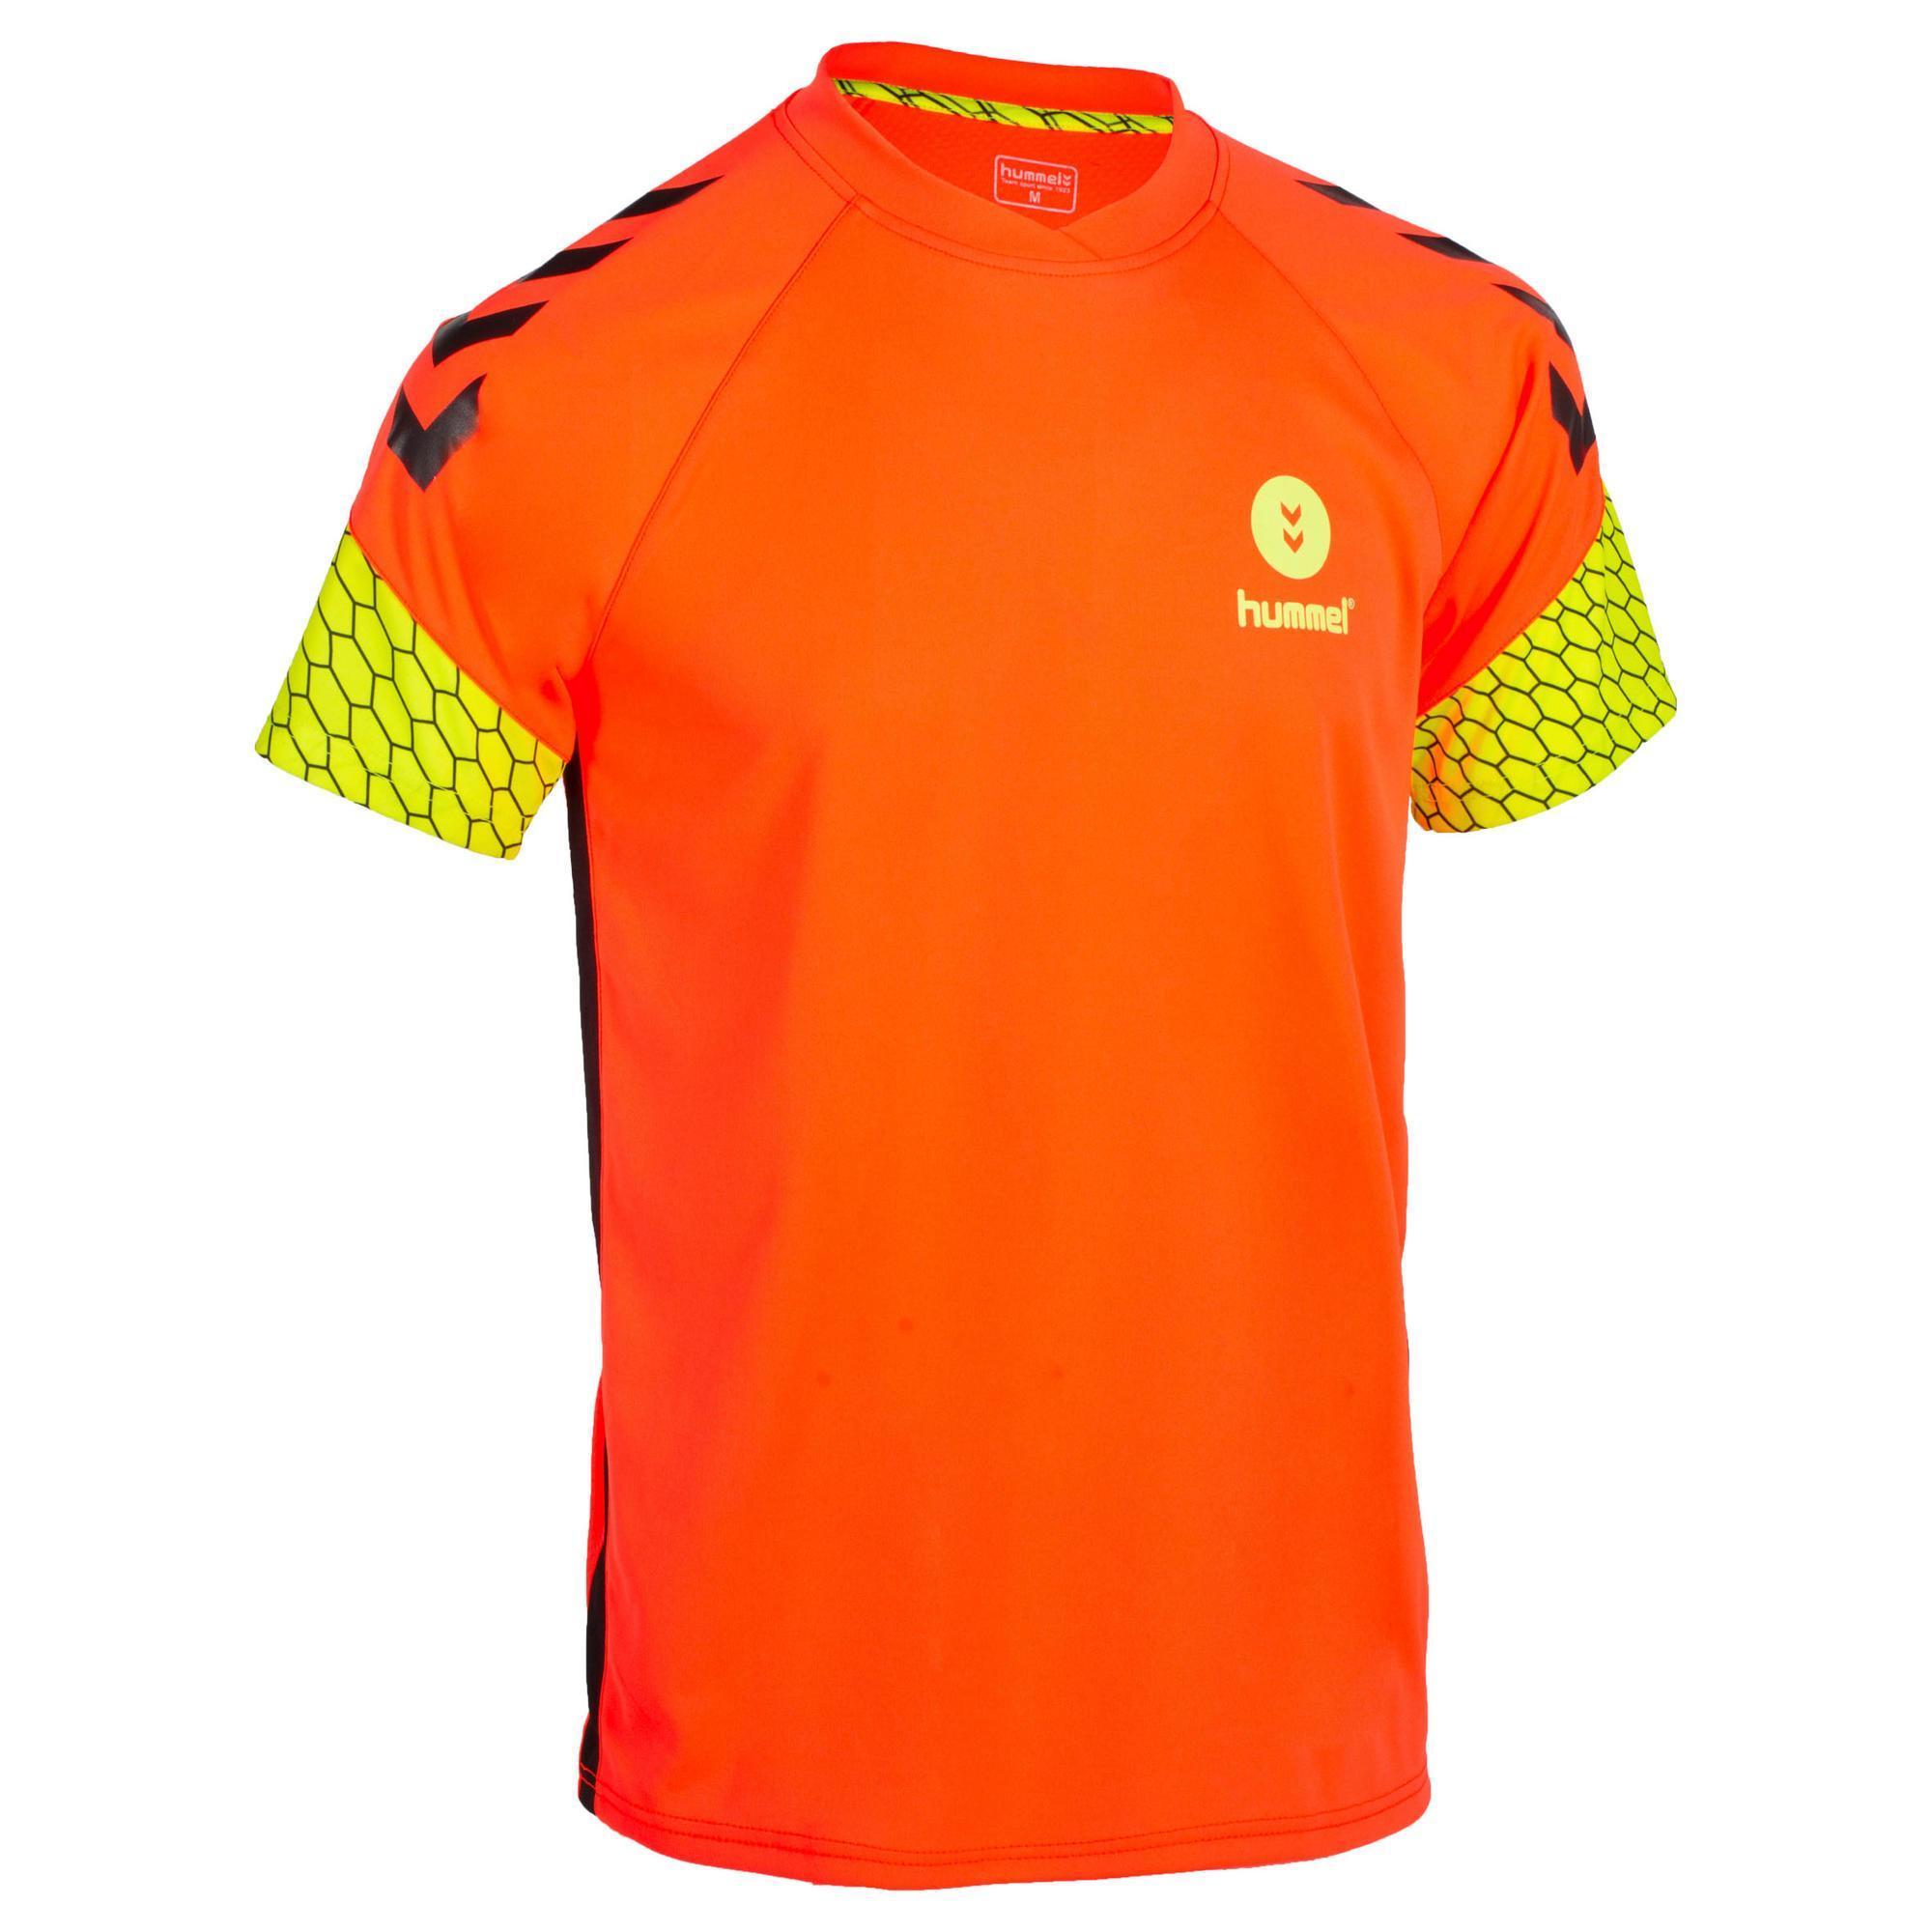 Hummel Handbalshirt voor heren Hummel oranje geel